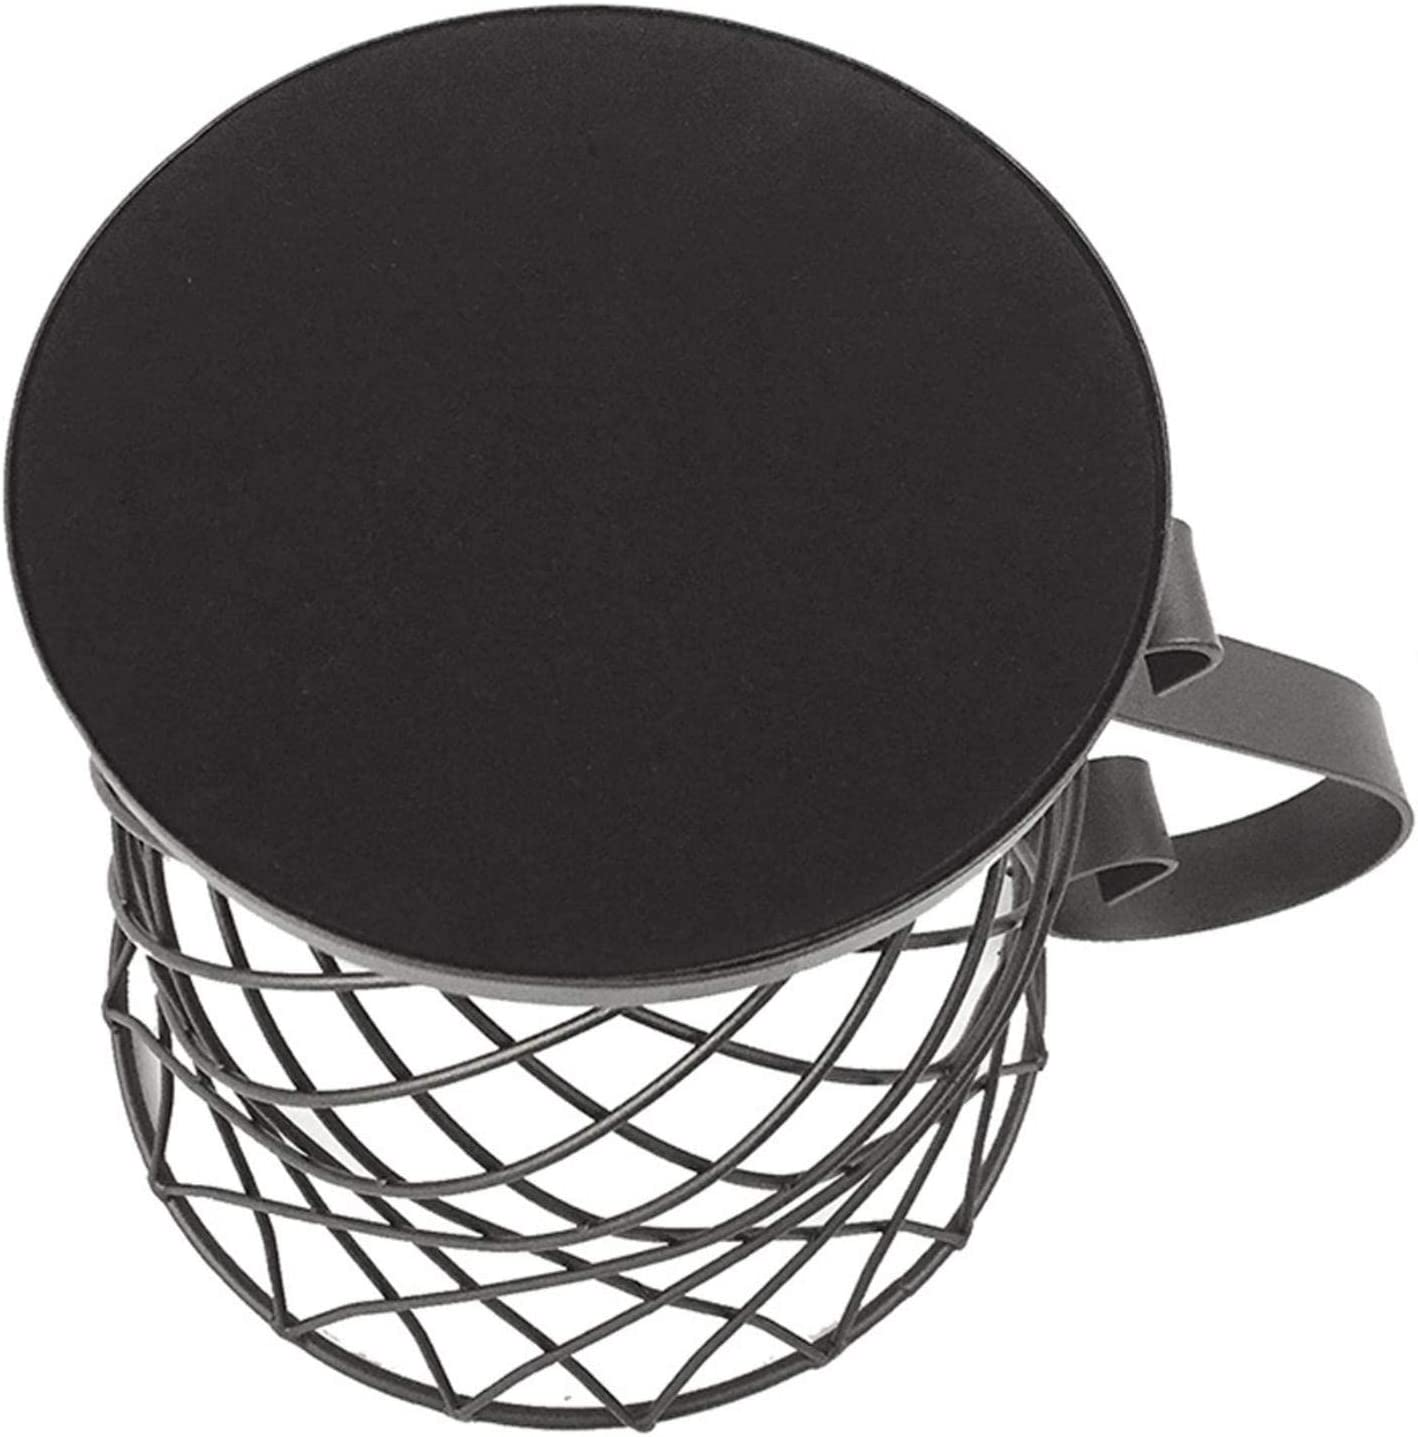 Porta cialda di caff/è alla moda semplice in stile europeo Cesto portaoggetti in acciaio resistente Tazza Tazza da caff/è Cesto di frutta Cesto di snack